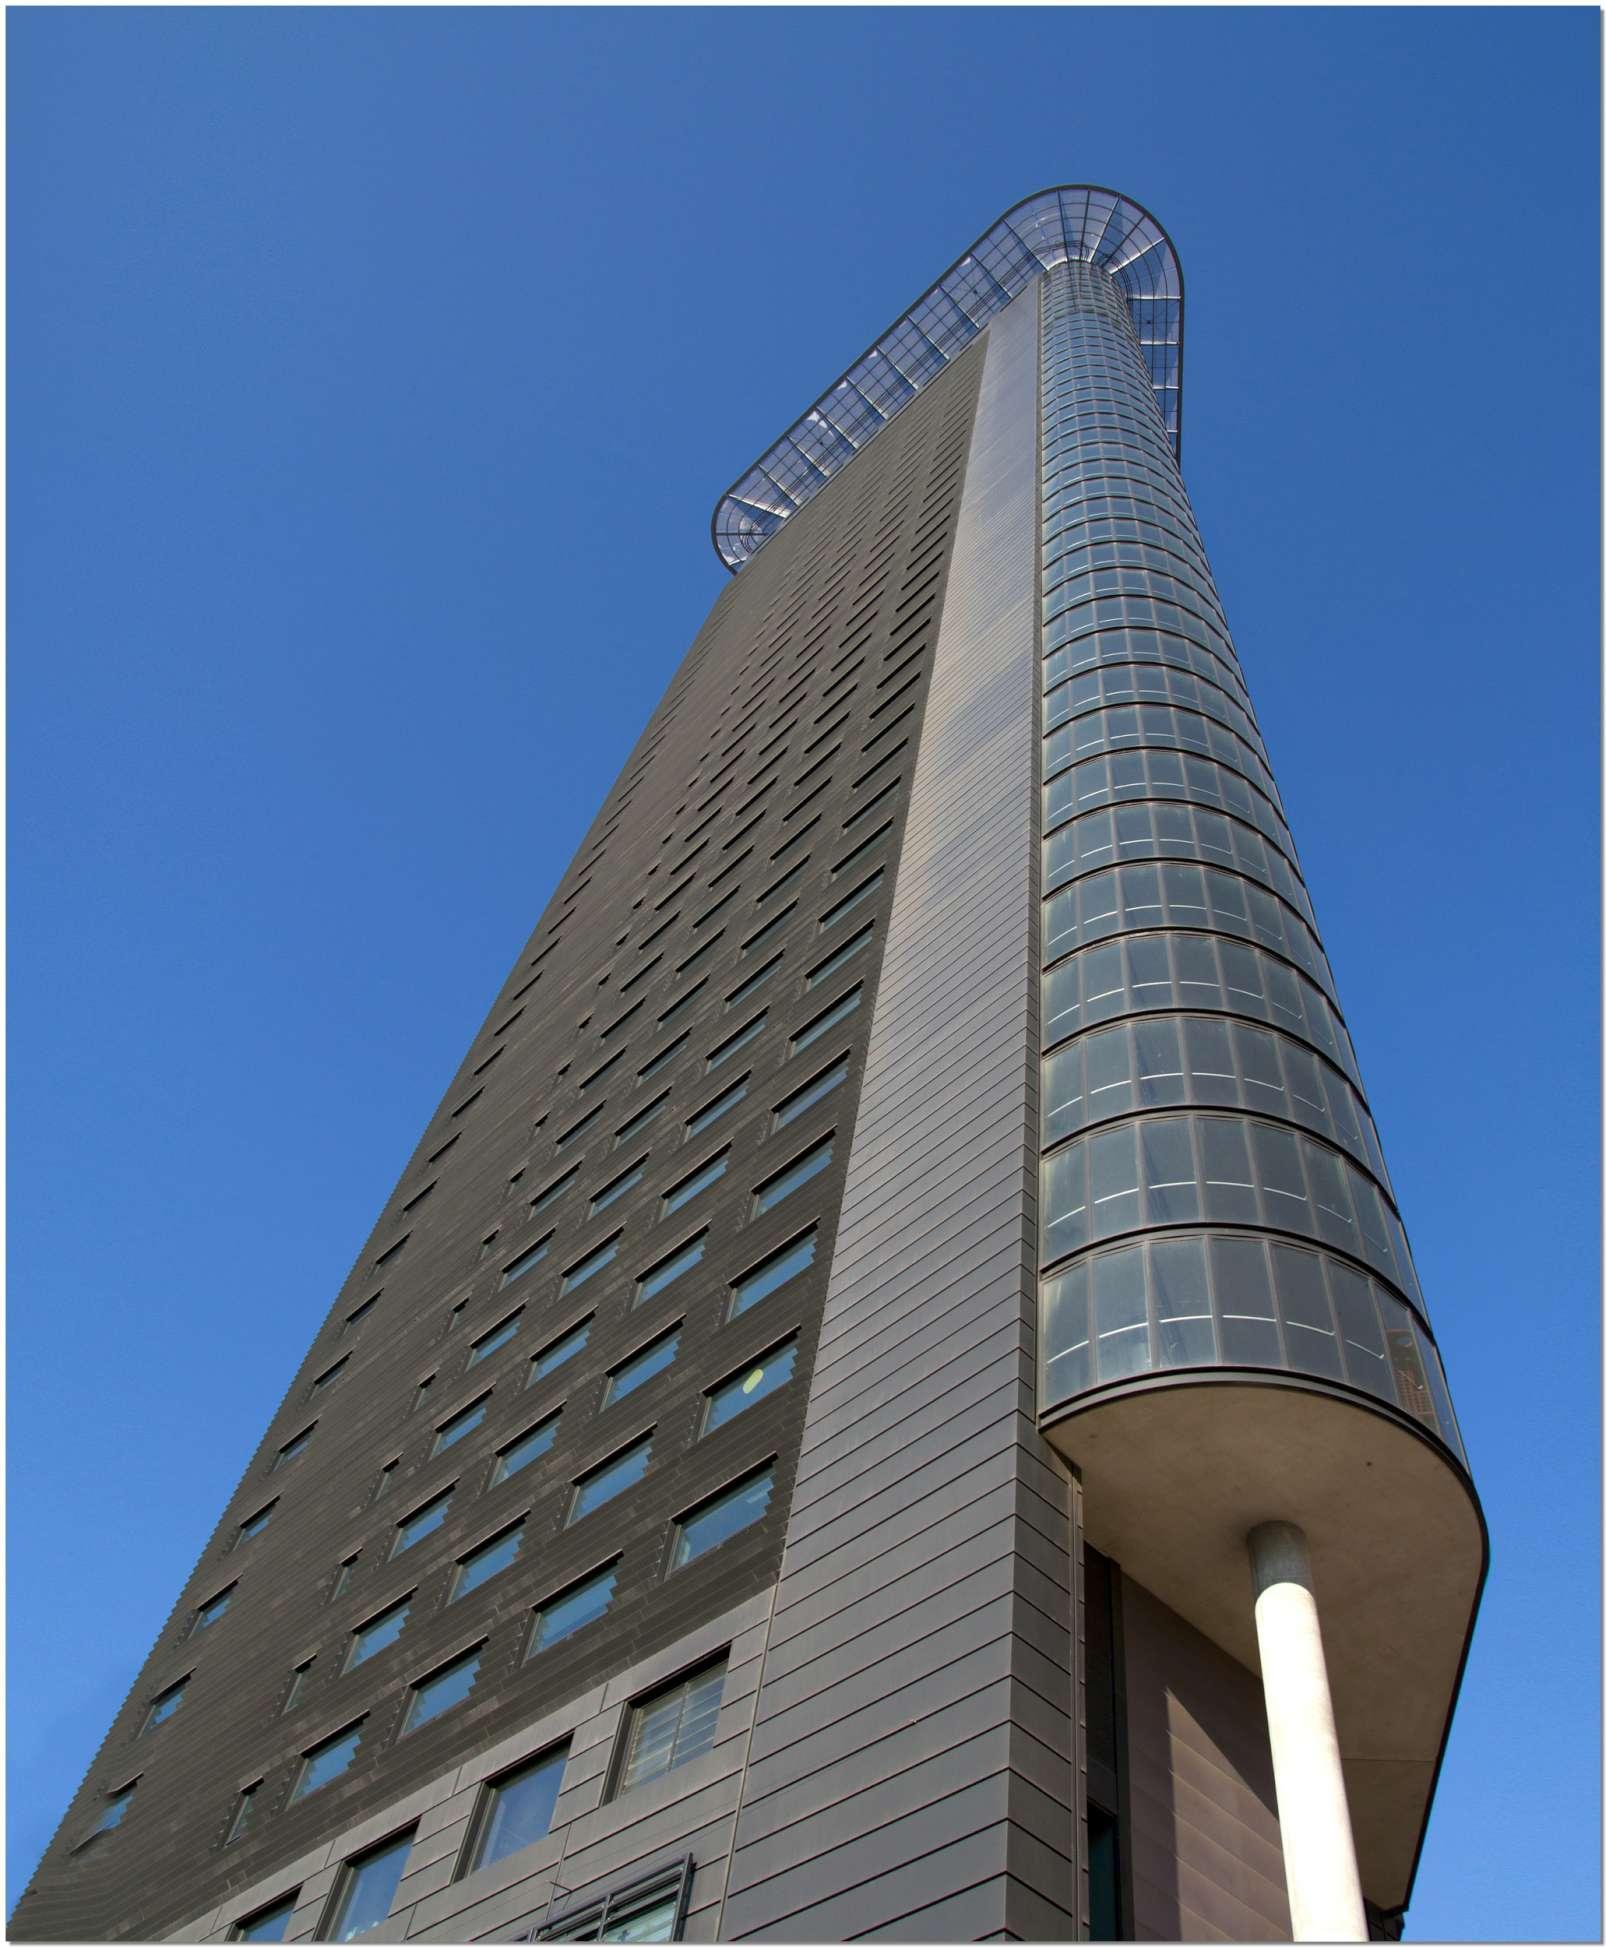 Den Haag The Hague Tower